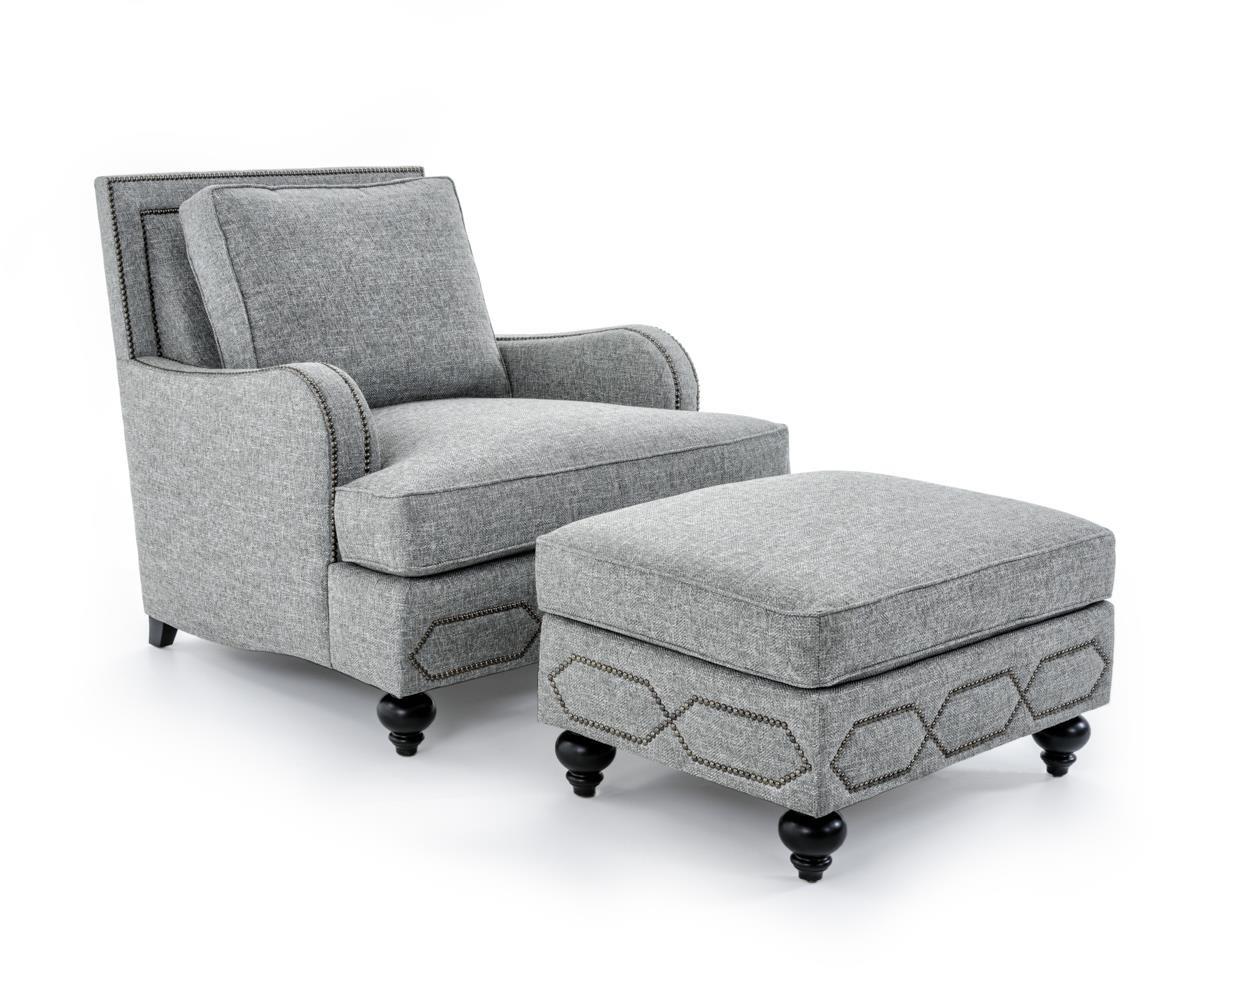 Bernhardt Franklin Chair & Ottoman Set - Item Number: B4822A+B4821A GRAY